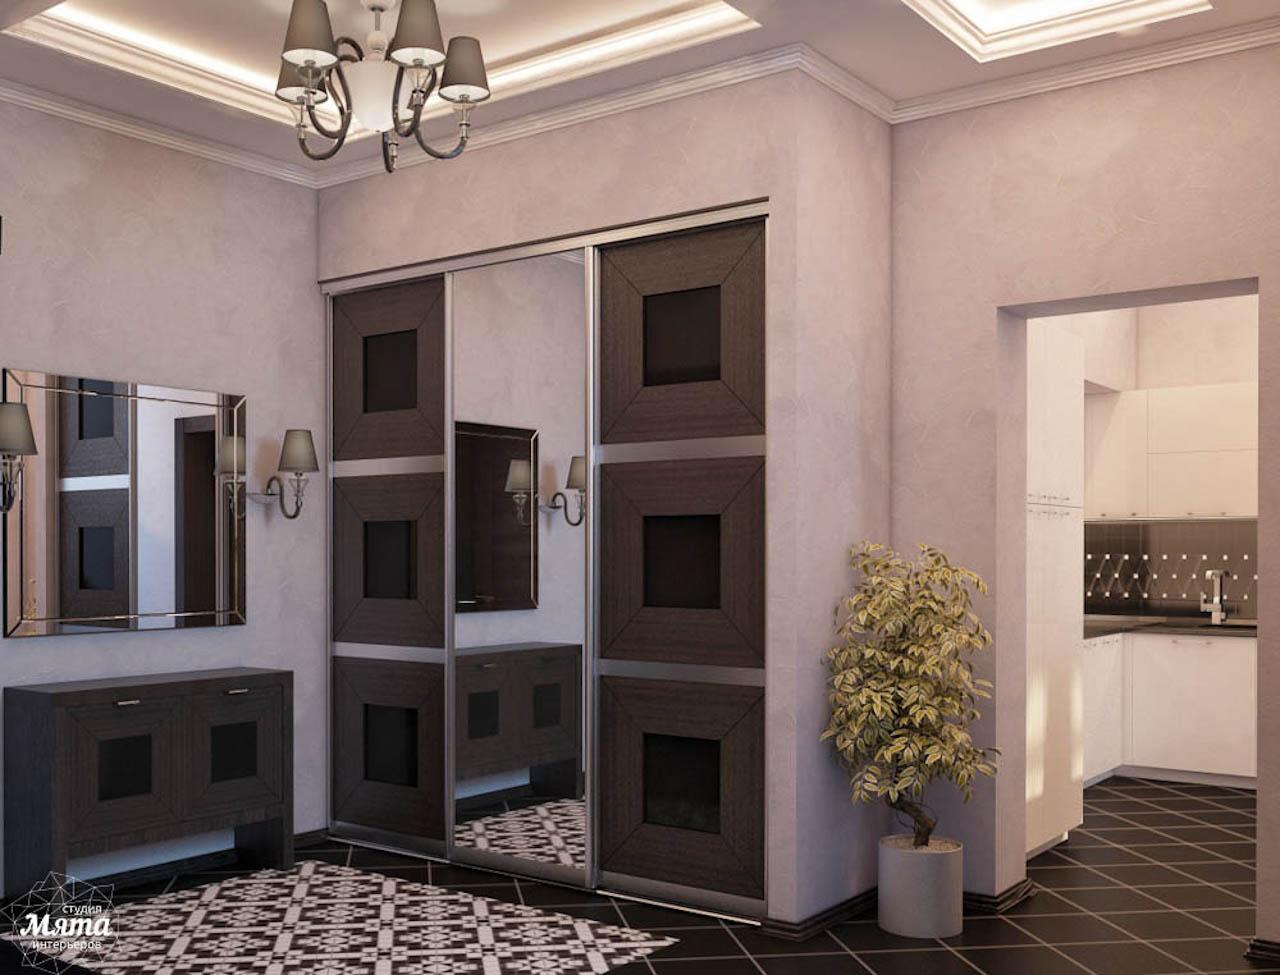 Дизайн интерьера коттеджа в п. Новый Исток img863391236